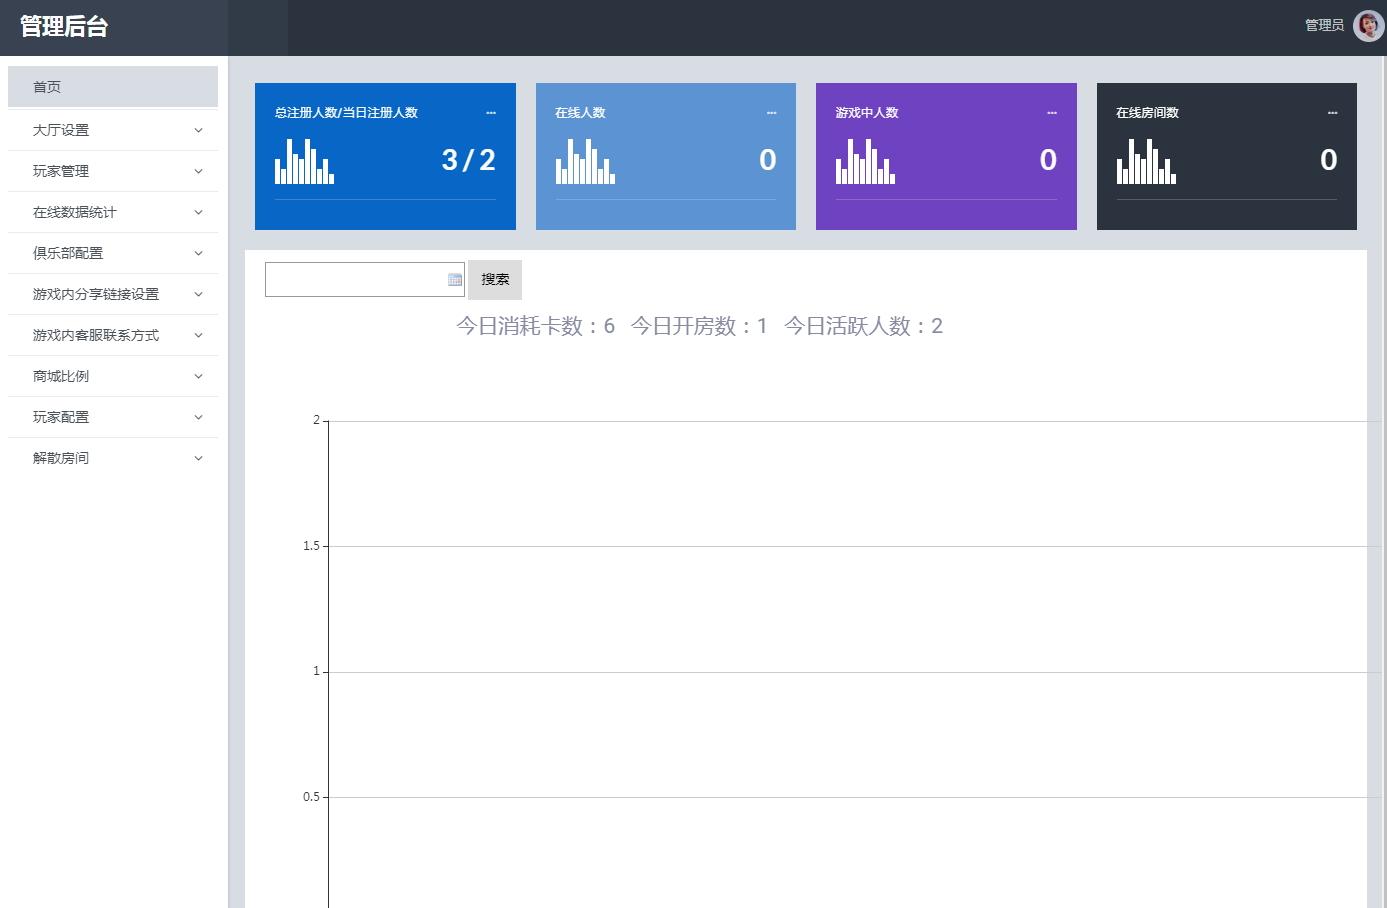 量推二开UI版 澳玩游戏 完整数据 已经整理完整 源码程序下载 大联盟 完整双端 澳玩娱乐 澳玩游戏 二开ui版 量推 房卡约战类 第17张